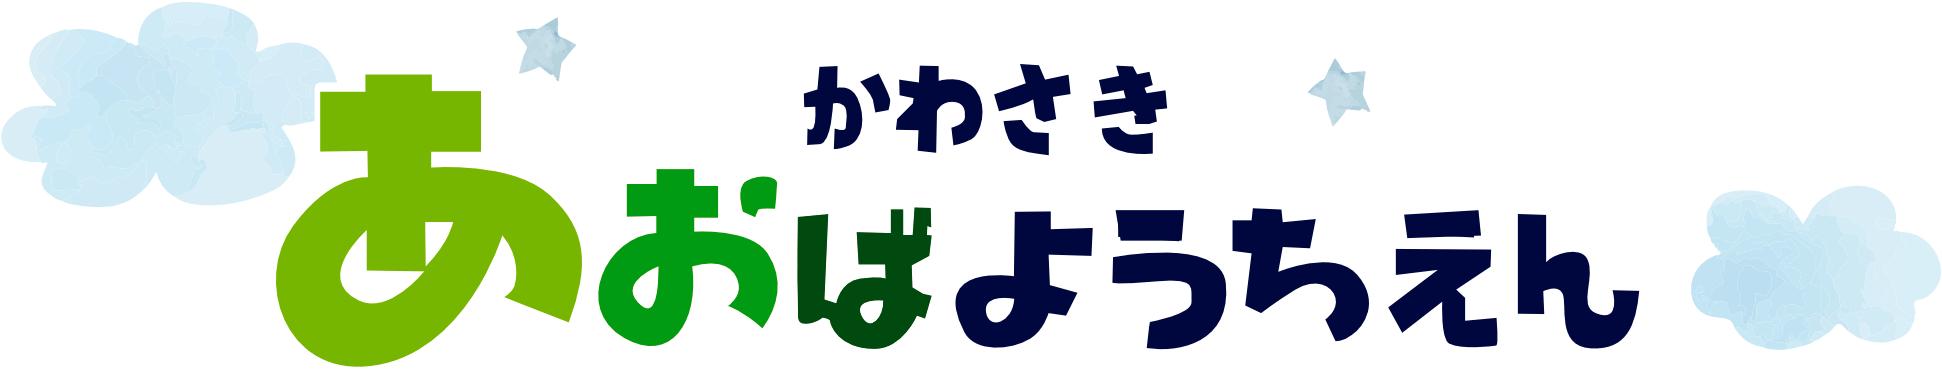 川崎青葉幼稚園